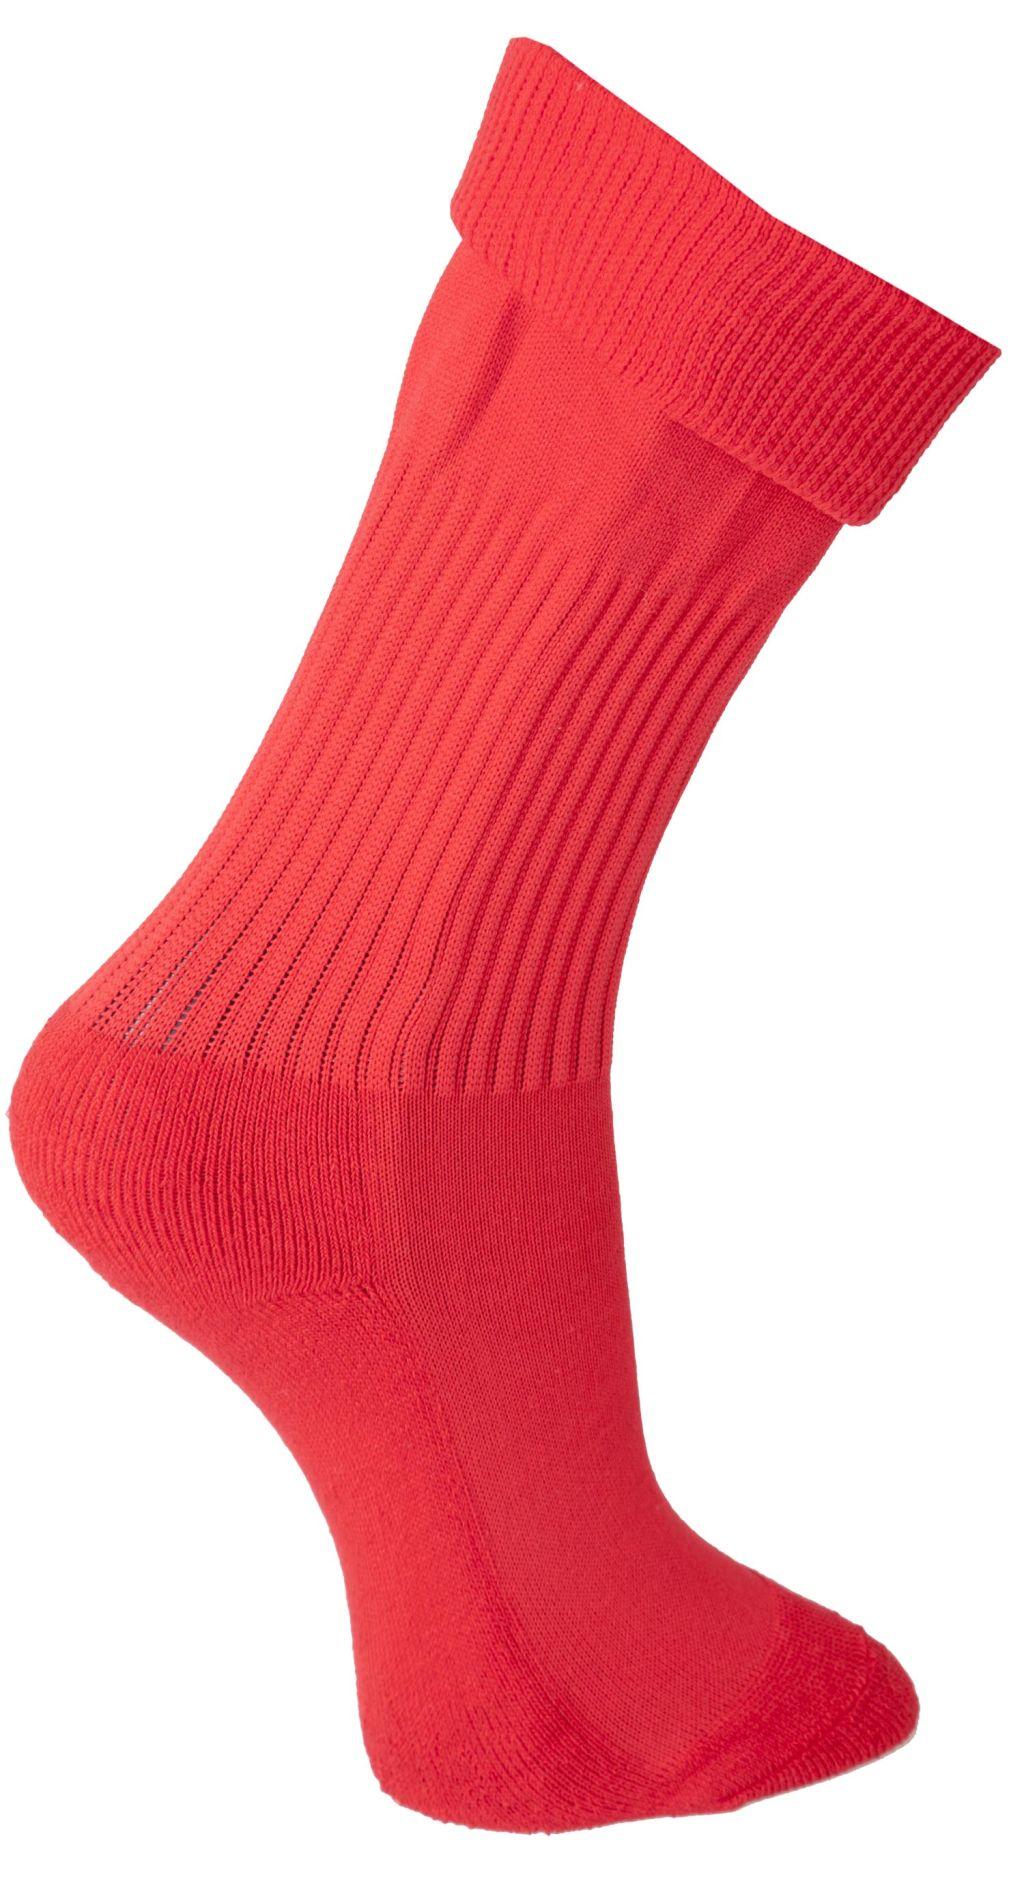 Umbro Liiga football sock